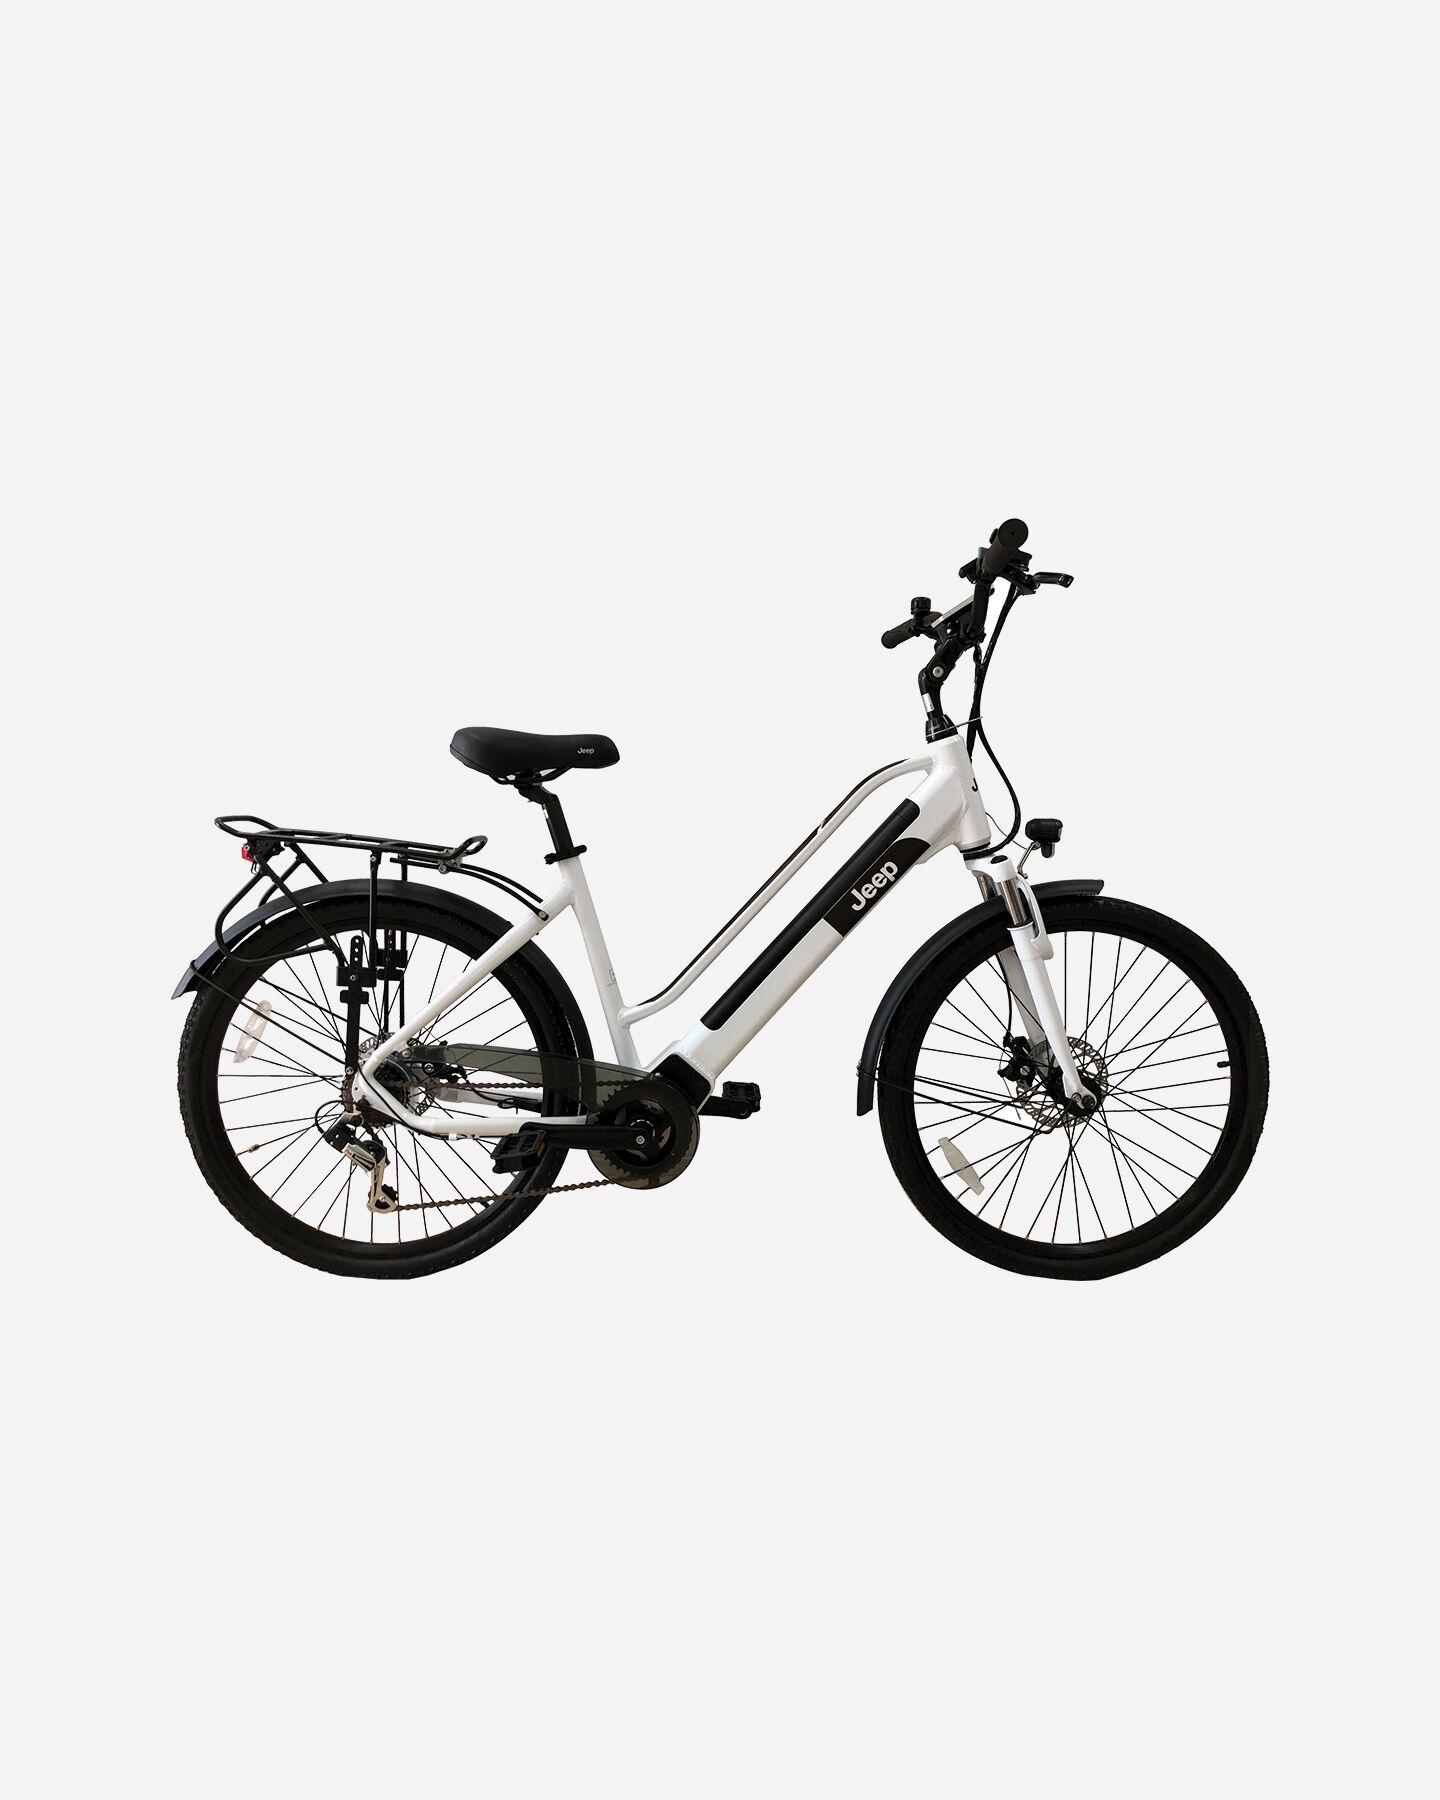 Bici elettrica JEEP E-BIKE TREKKING 26 S4078416 1 UNI scatto 0